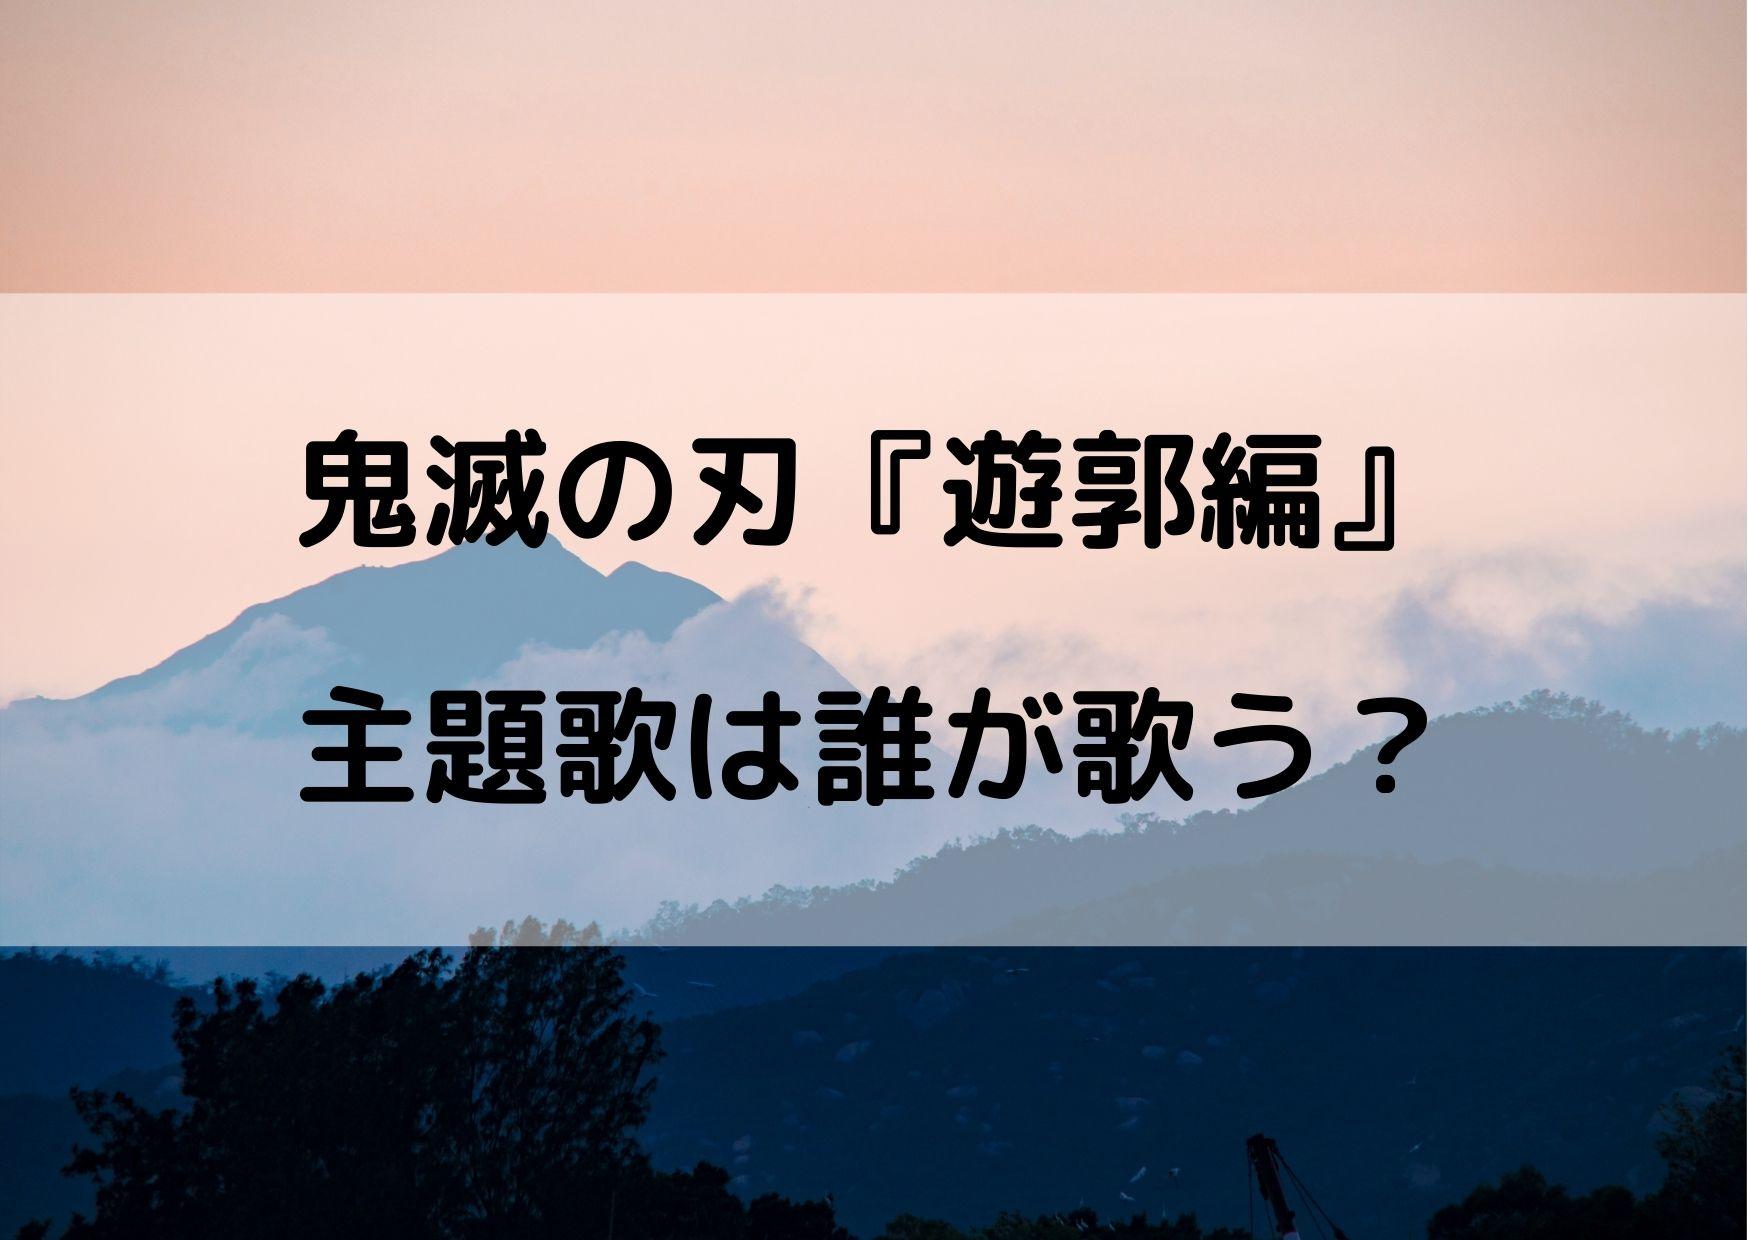 鬼滅の刃遊郭編の主題歌は誰?